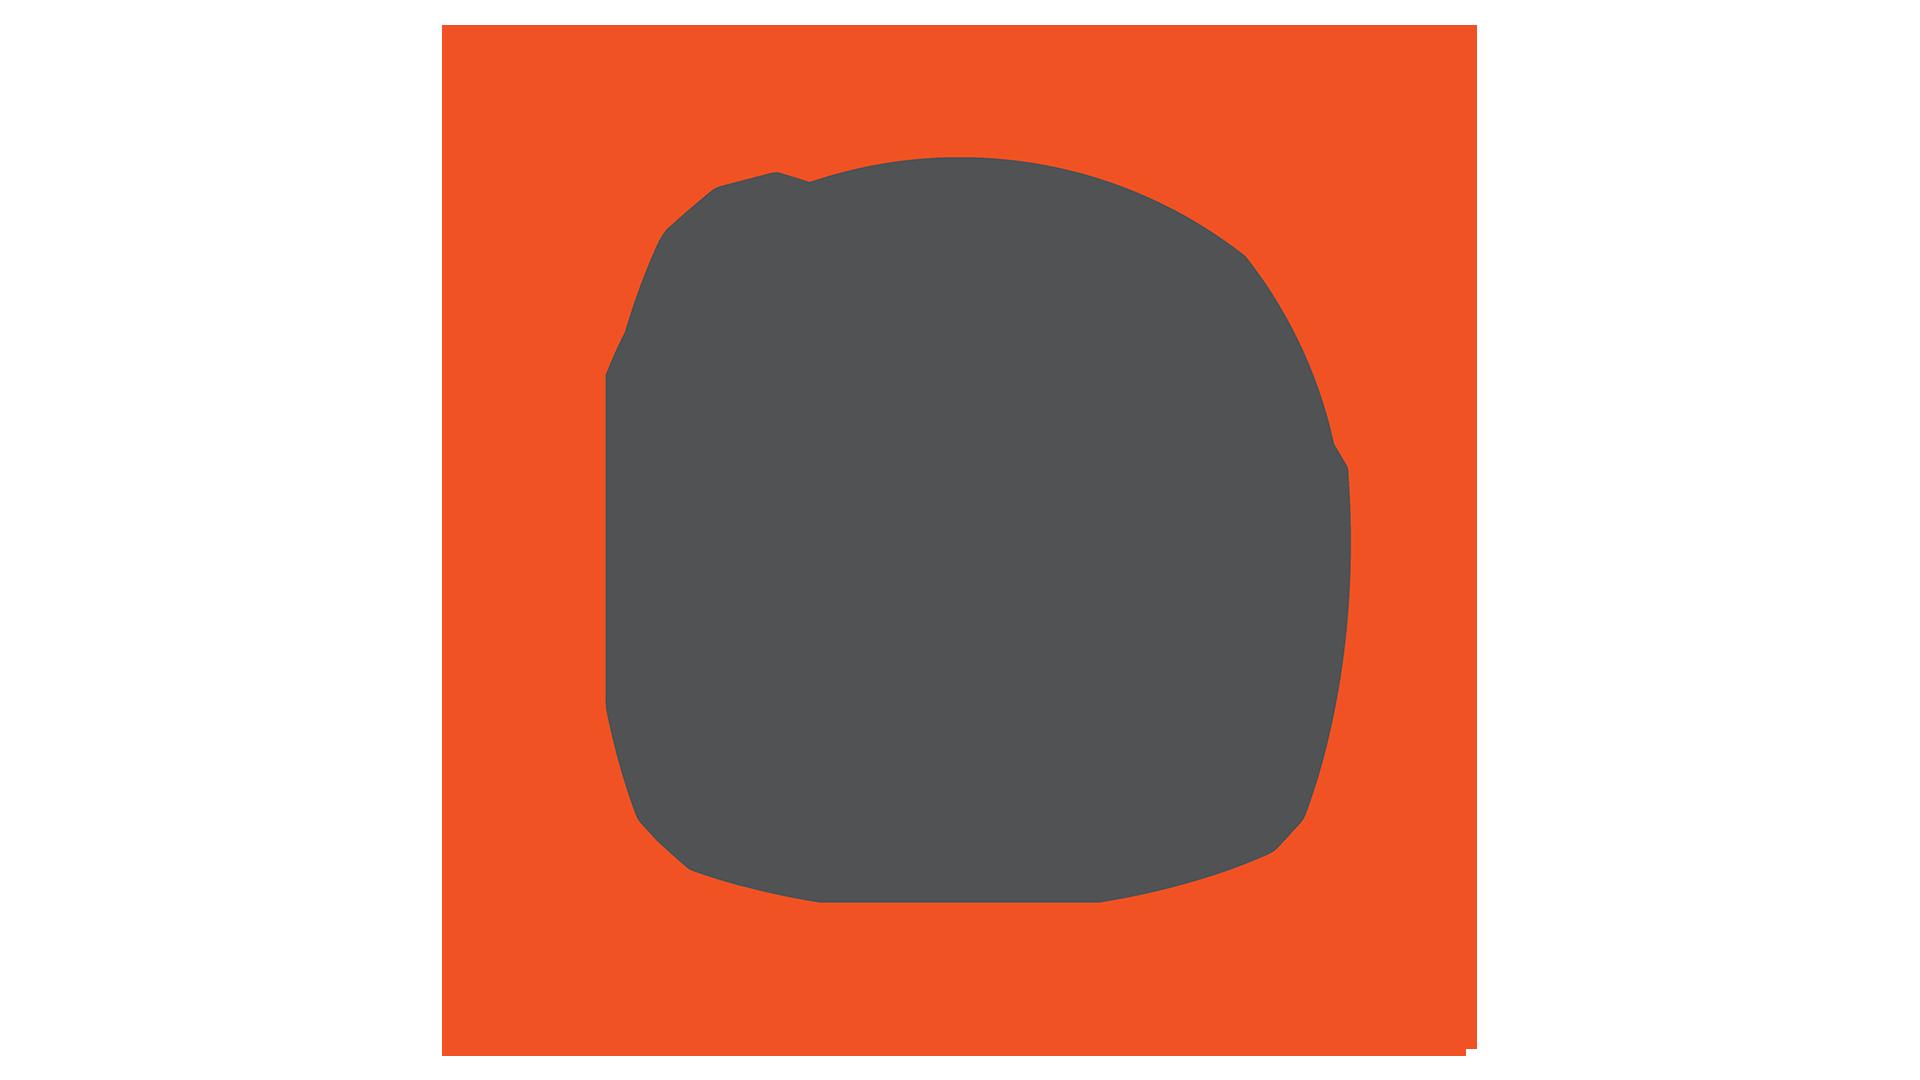 Industrial_Symbols (1080p)